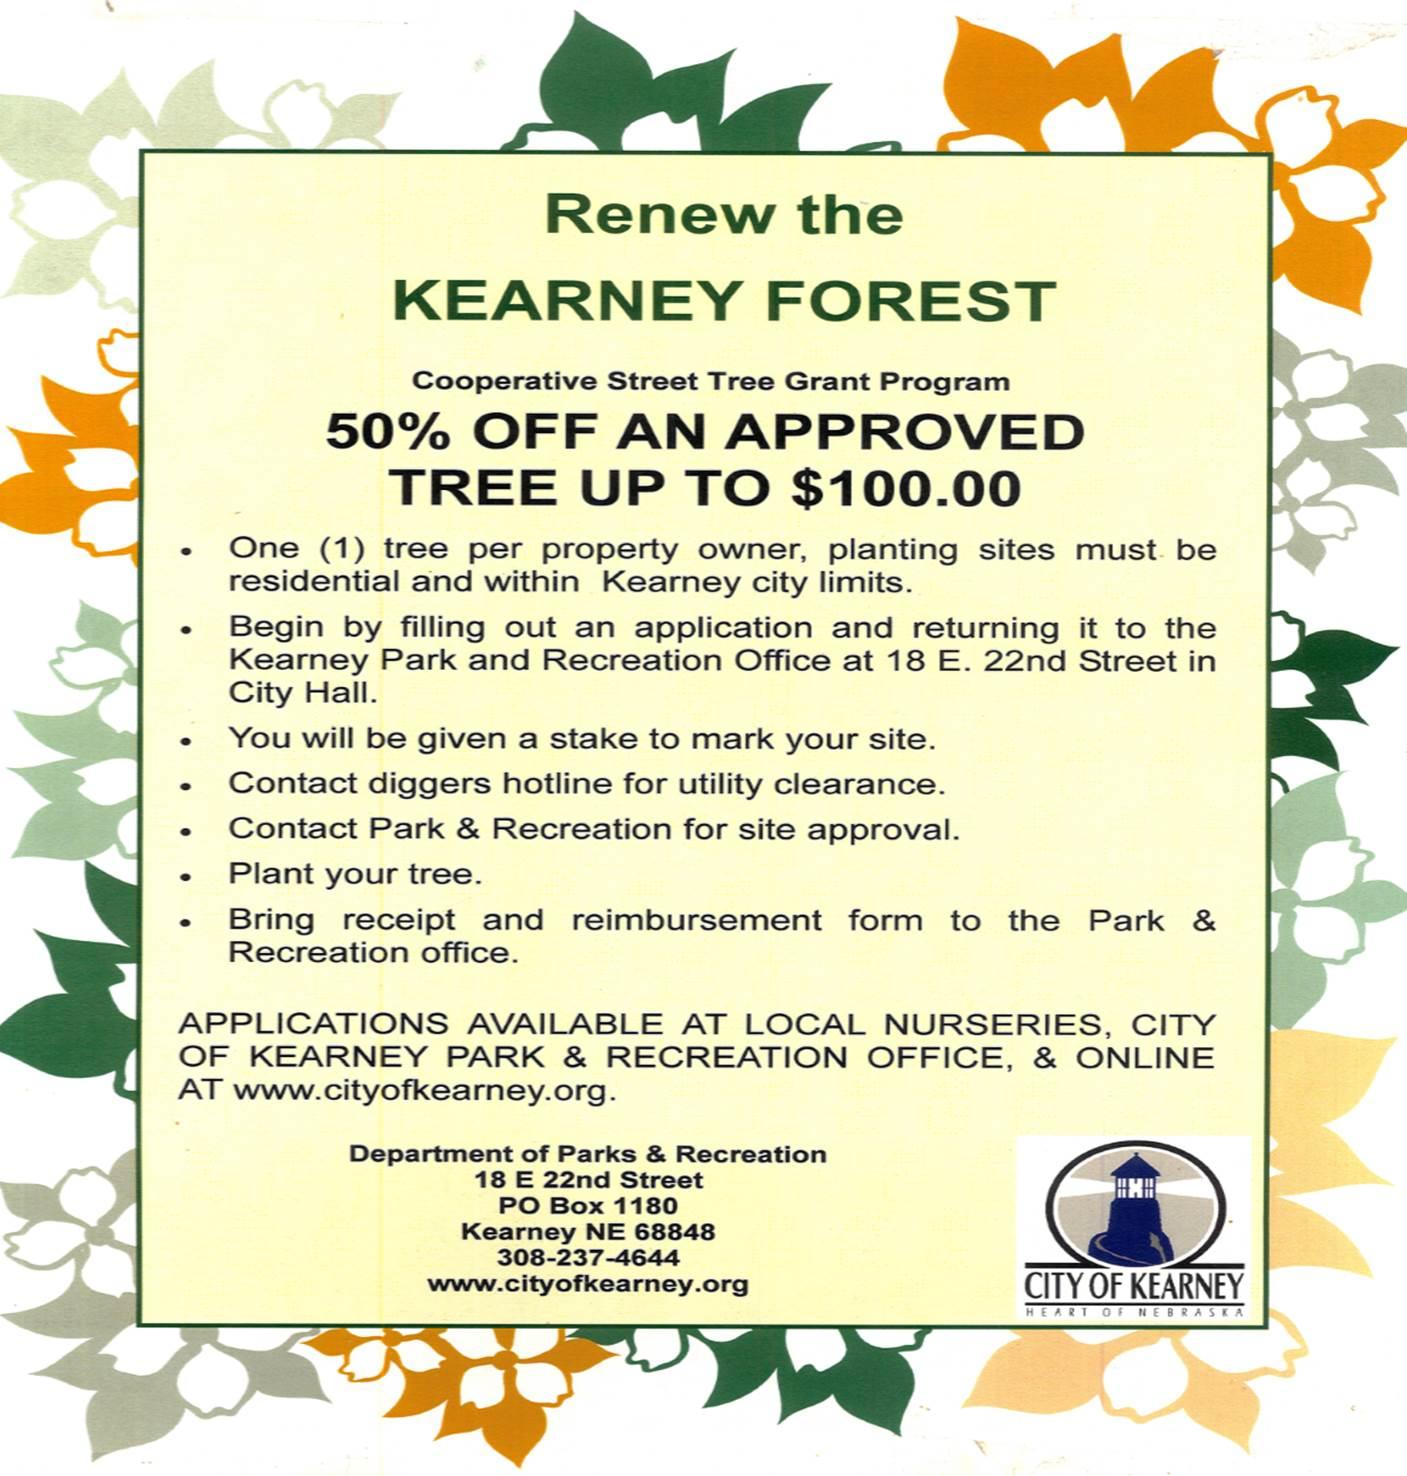 Re-Tree Kearney